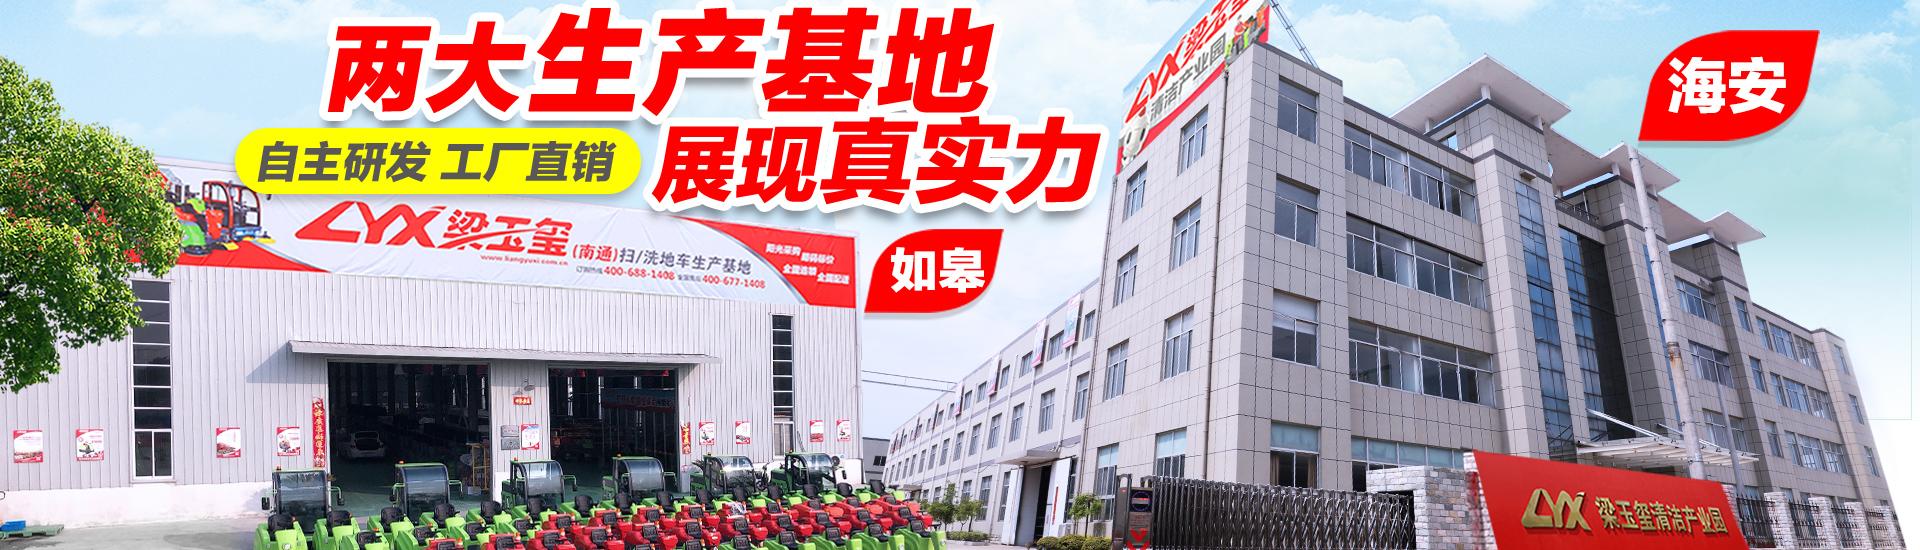 上海梁玉玺清洁产品有限公司